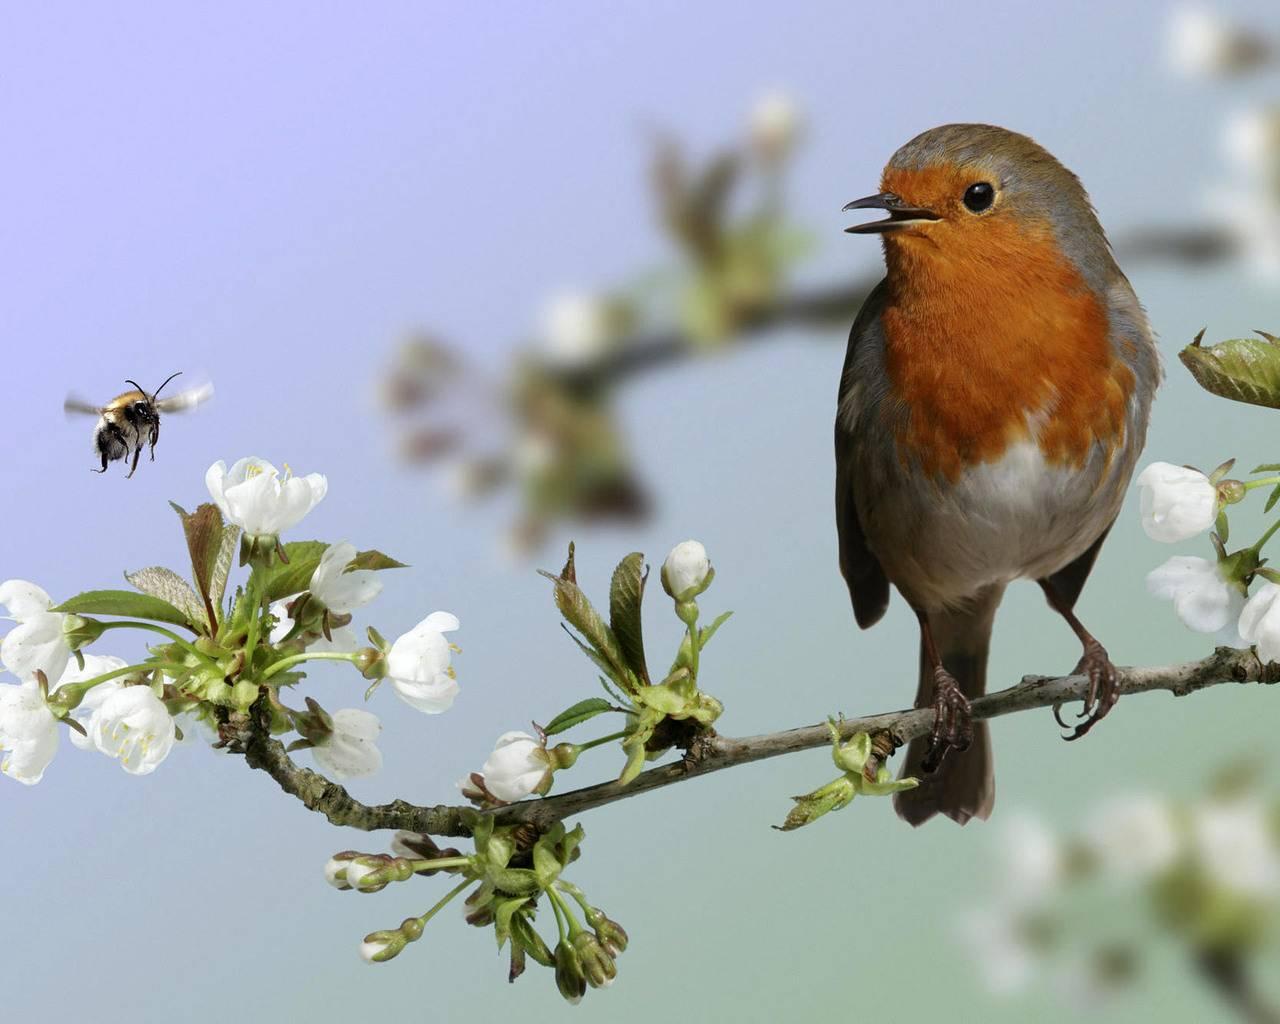 Релаксация. Красивая песня птицы Зарянка (Малиновка)